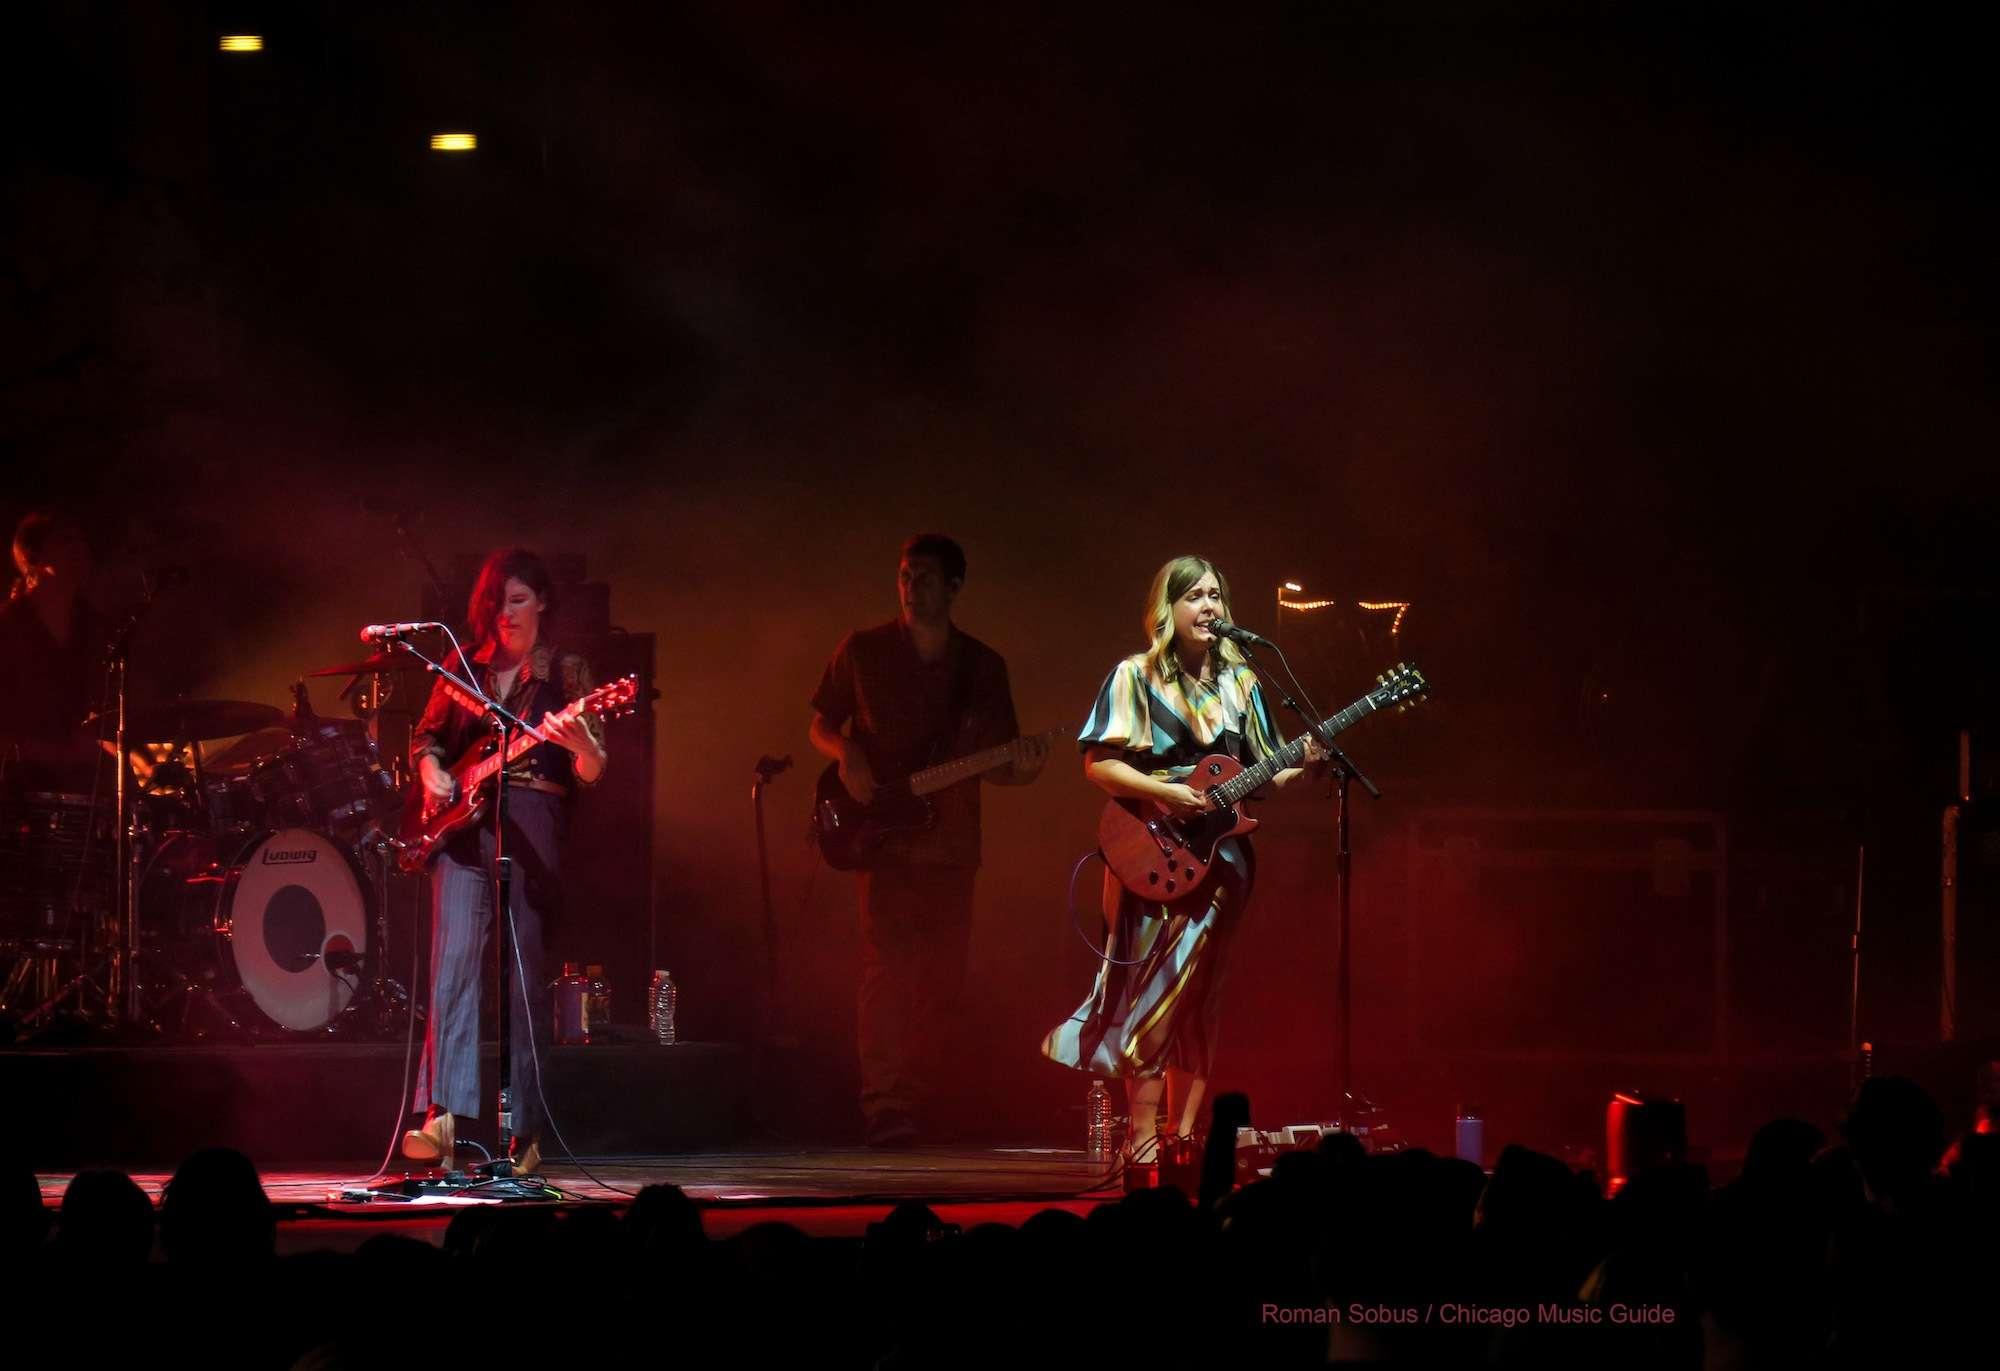 Sleater-Kinney Live at Jay Pritzker Pavilion [GALLERY] 14